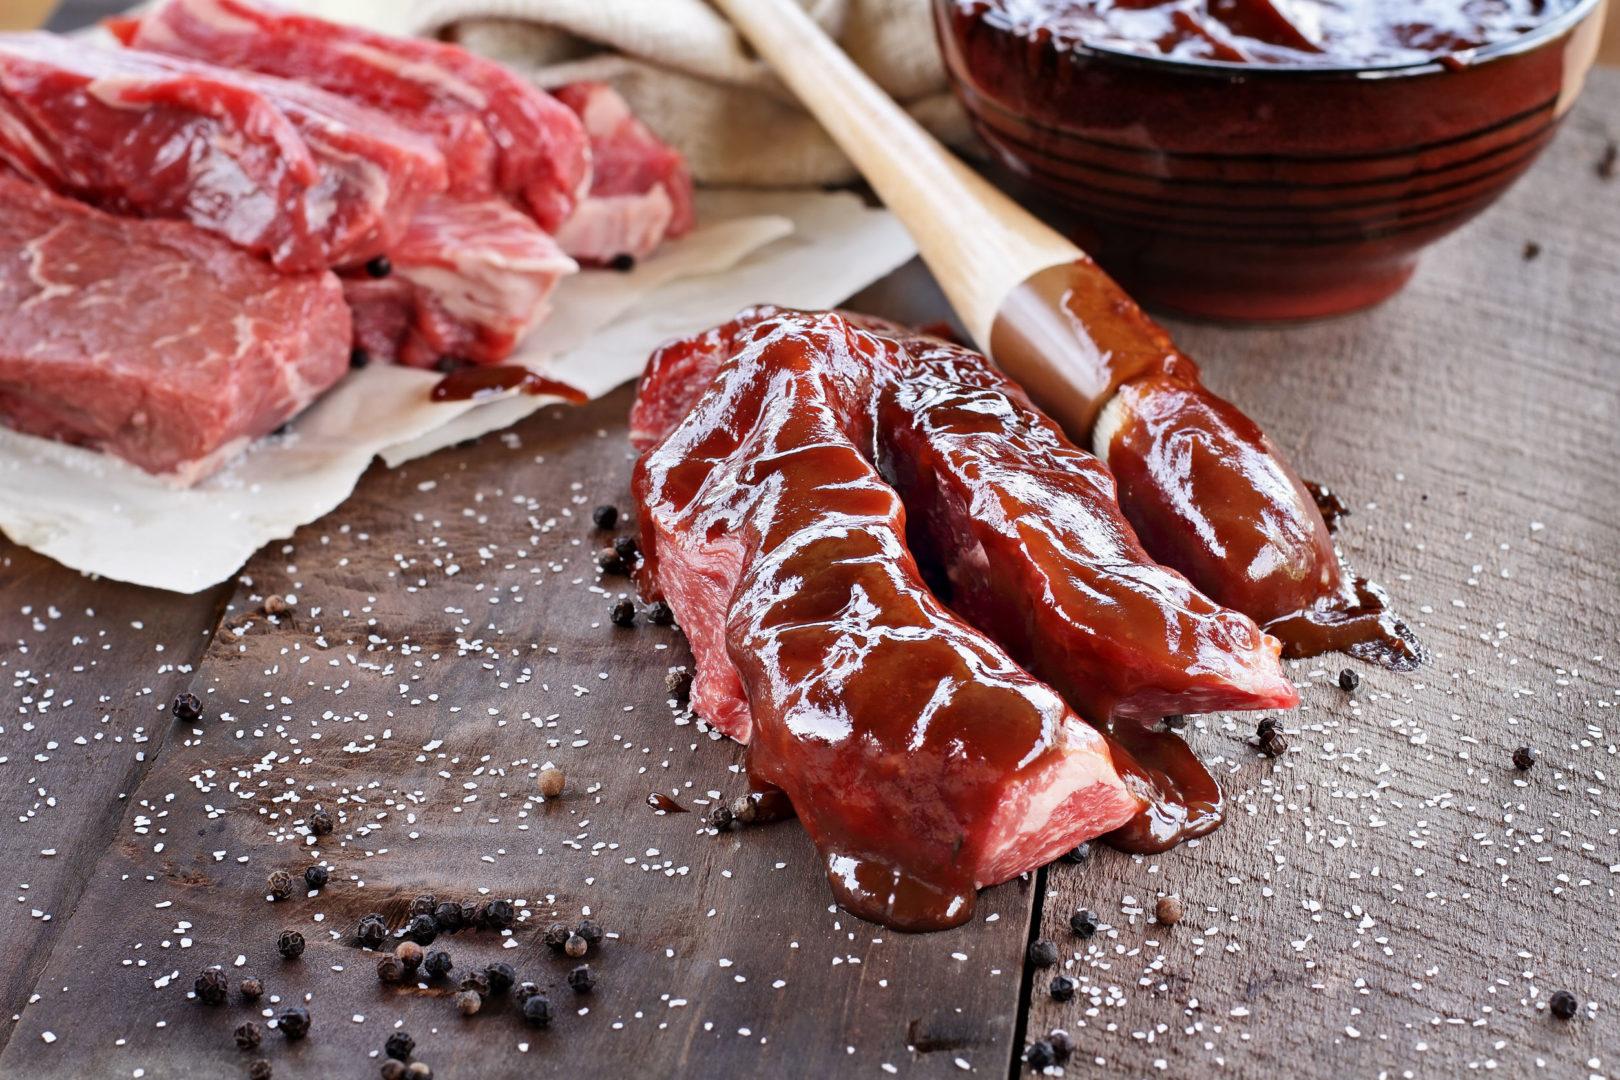 Fleisch mit Marinade zum Grillen